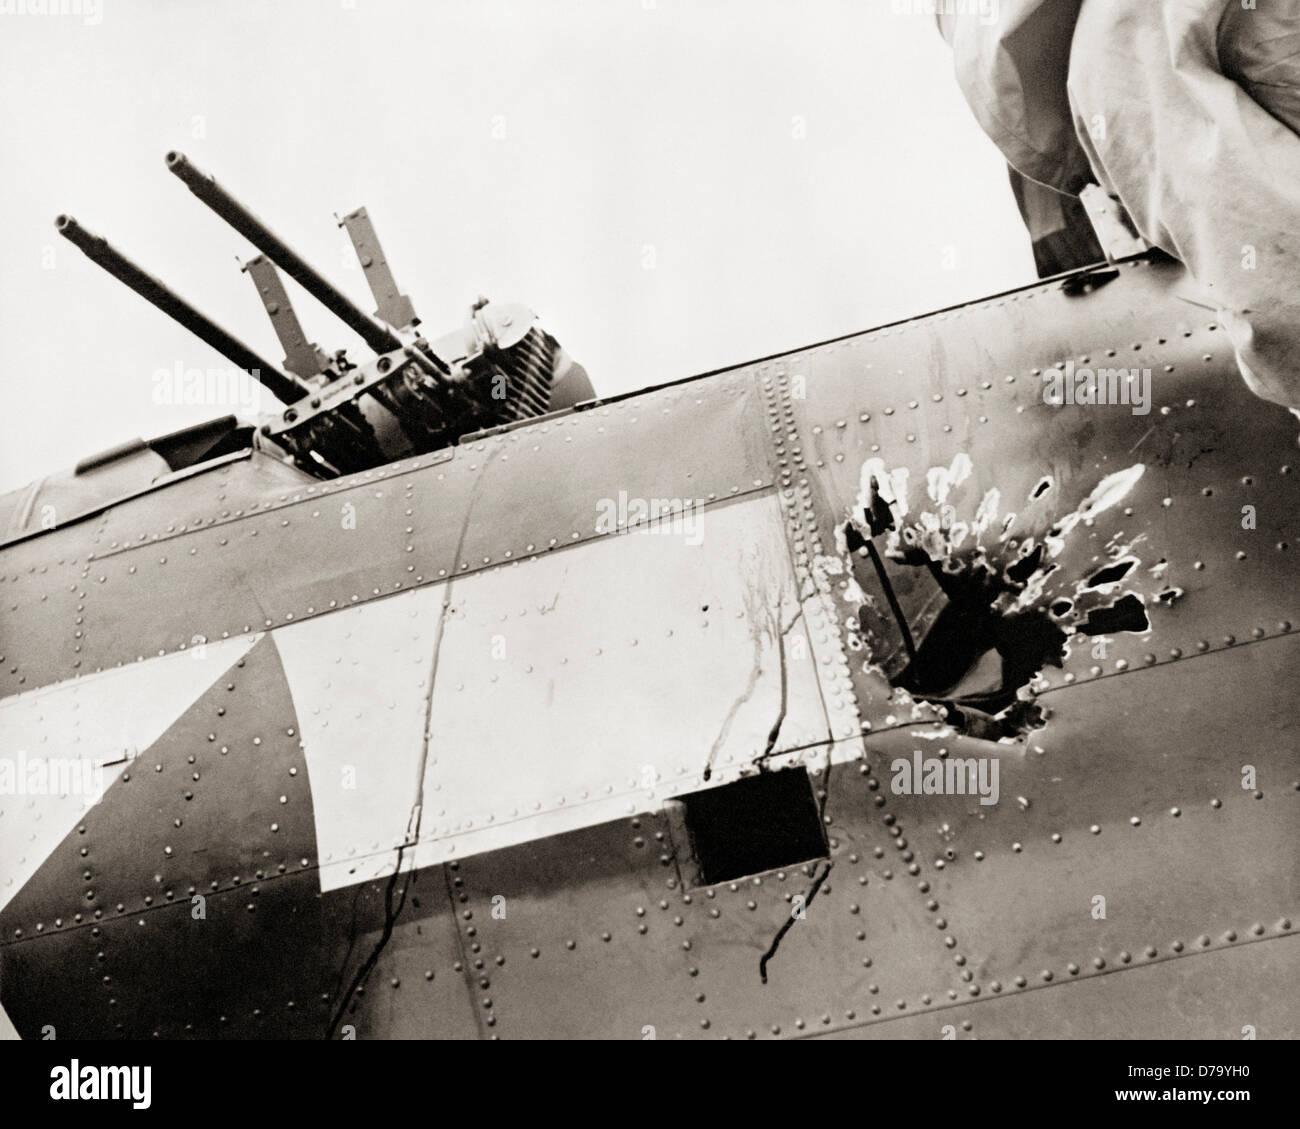 Anti-Aircraft Gun Damage to Fuselage - Stock Image